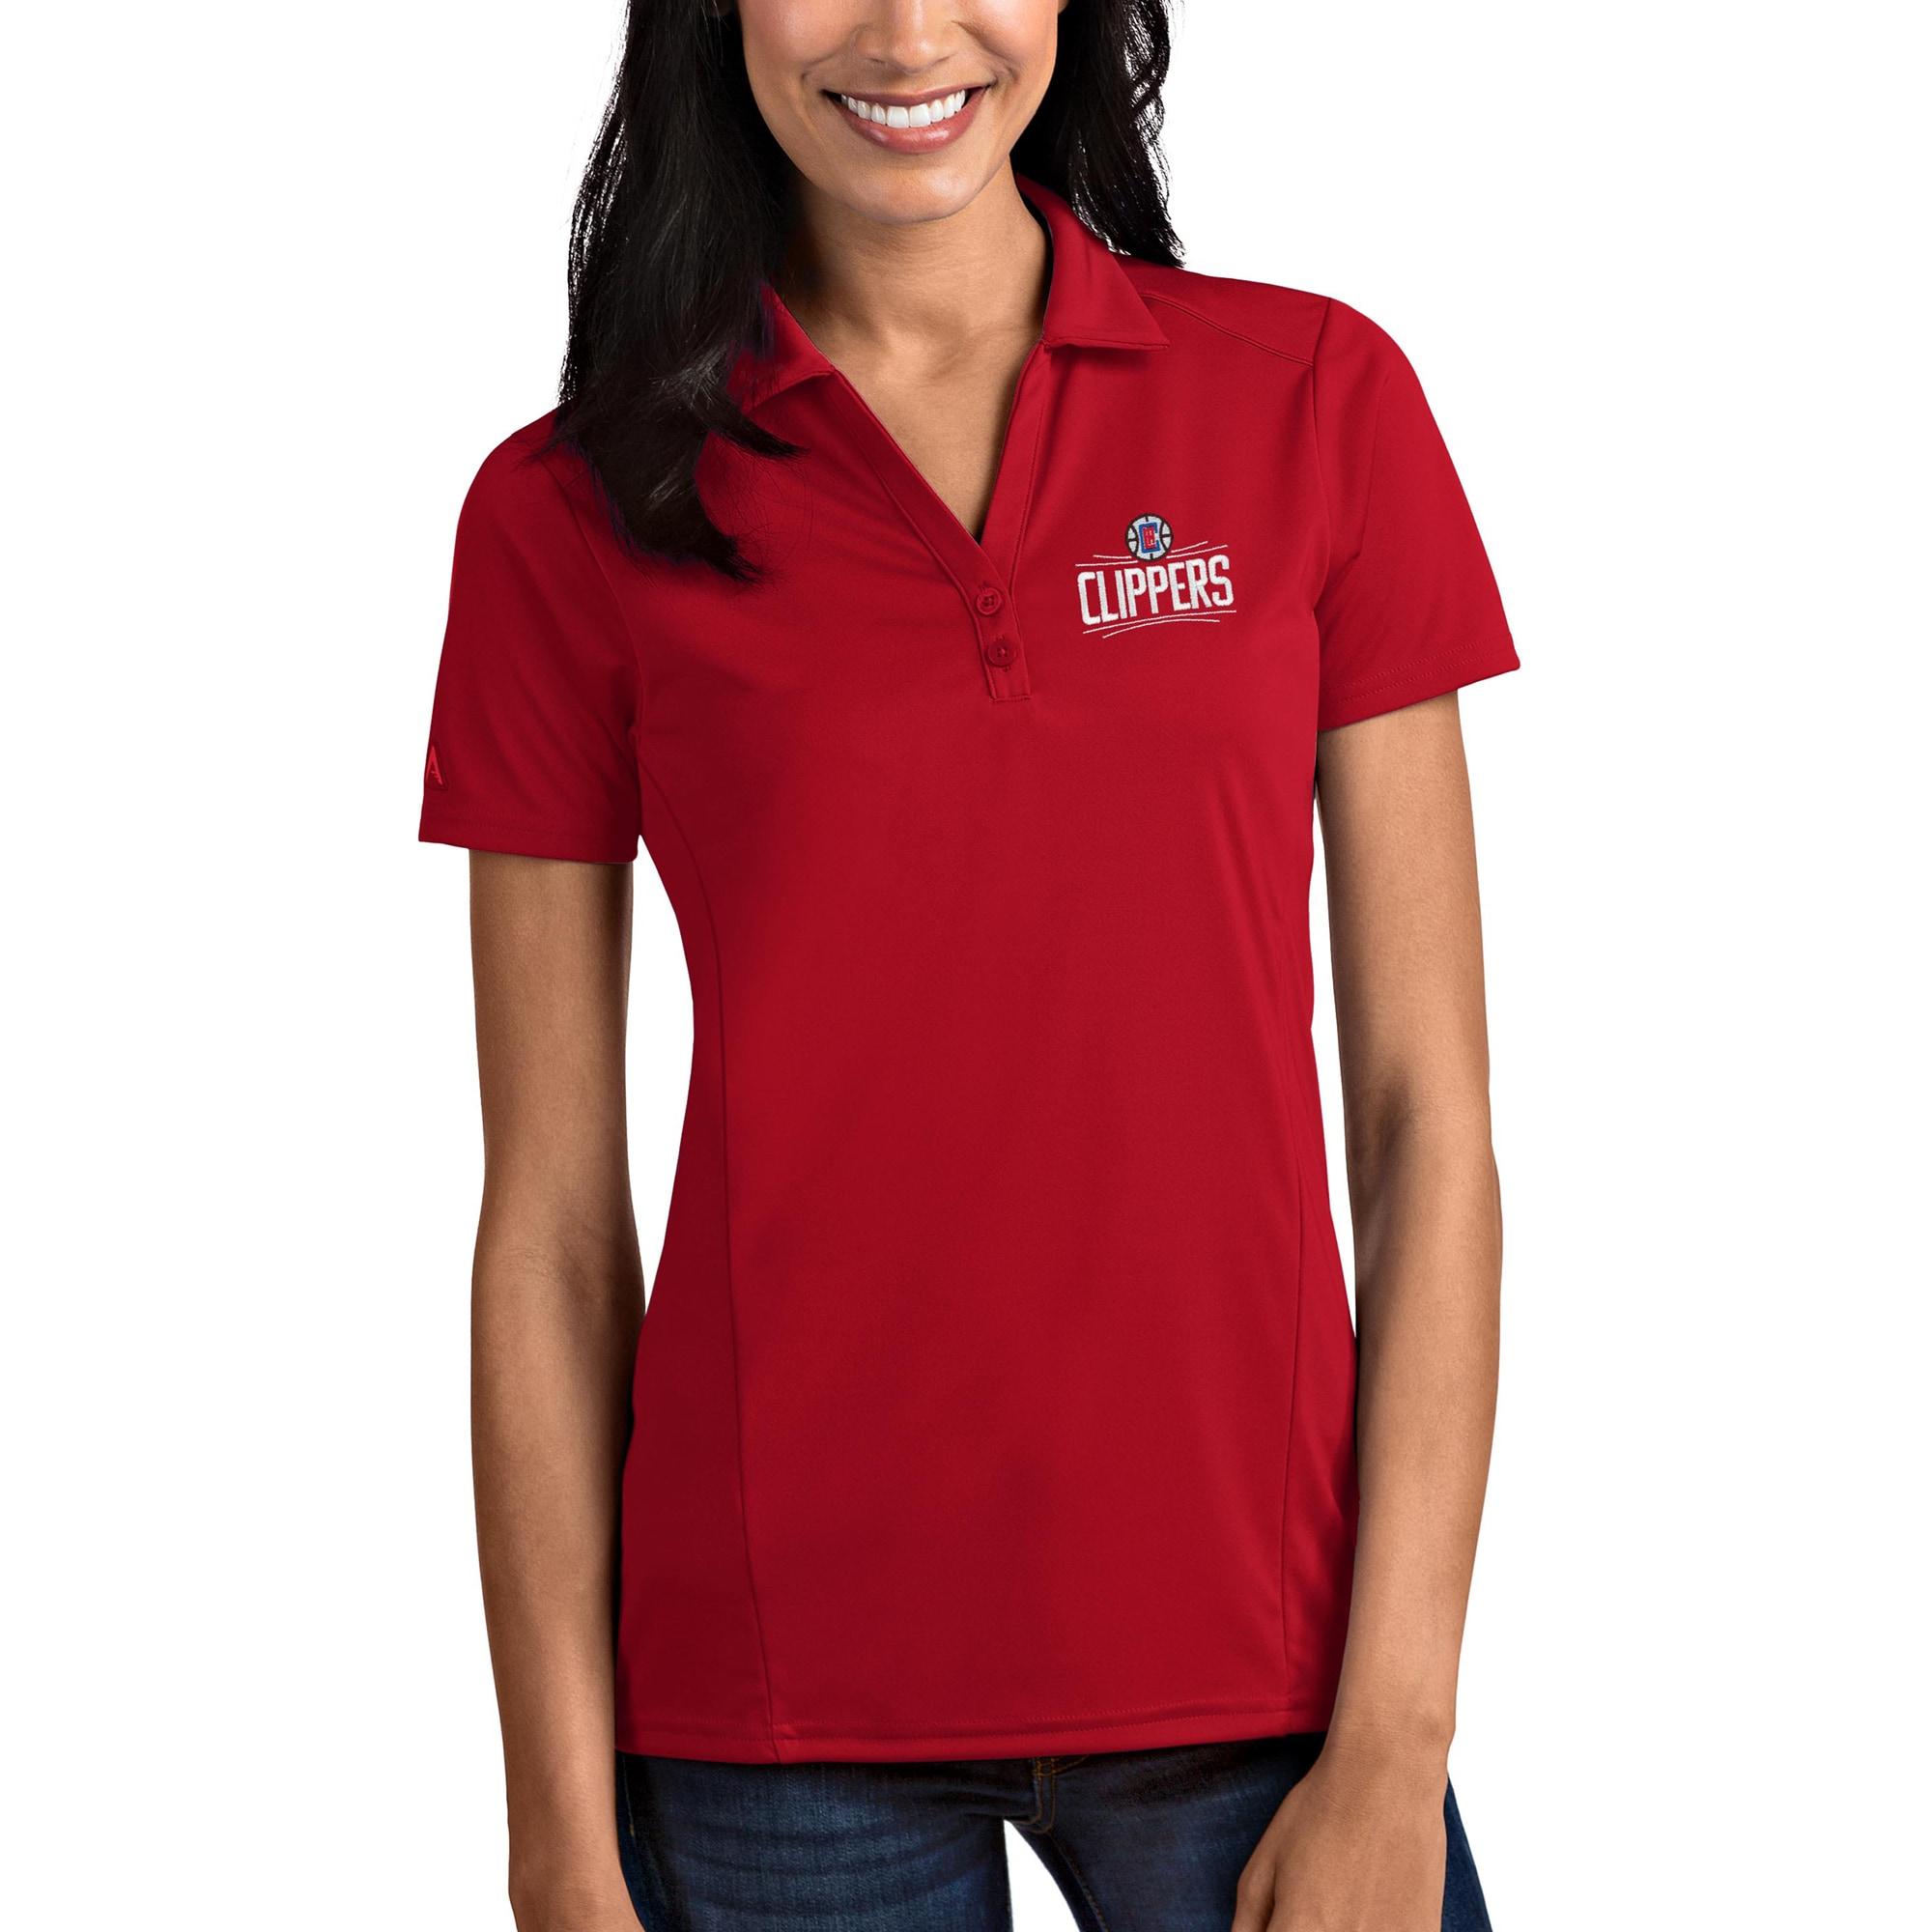 LA Clippers Antigua Women's Tribute Polo - Red